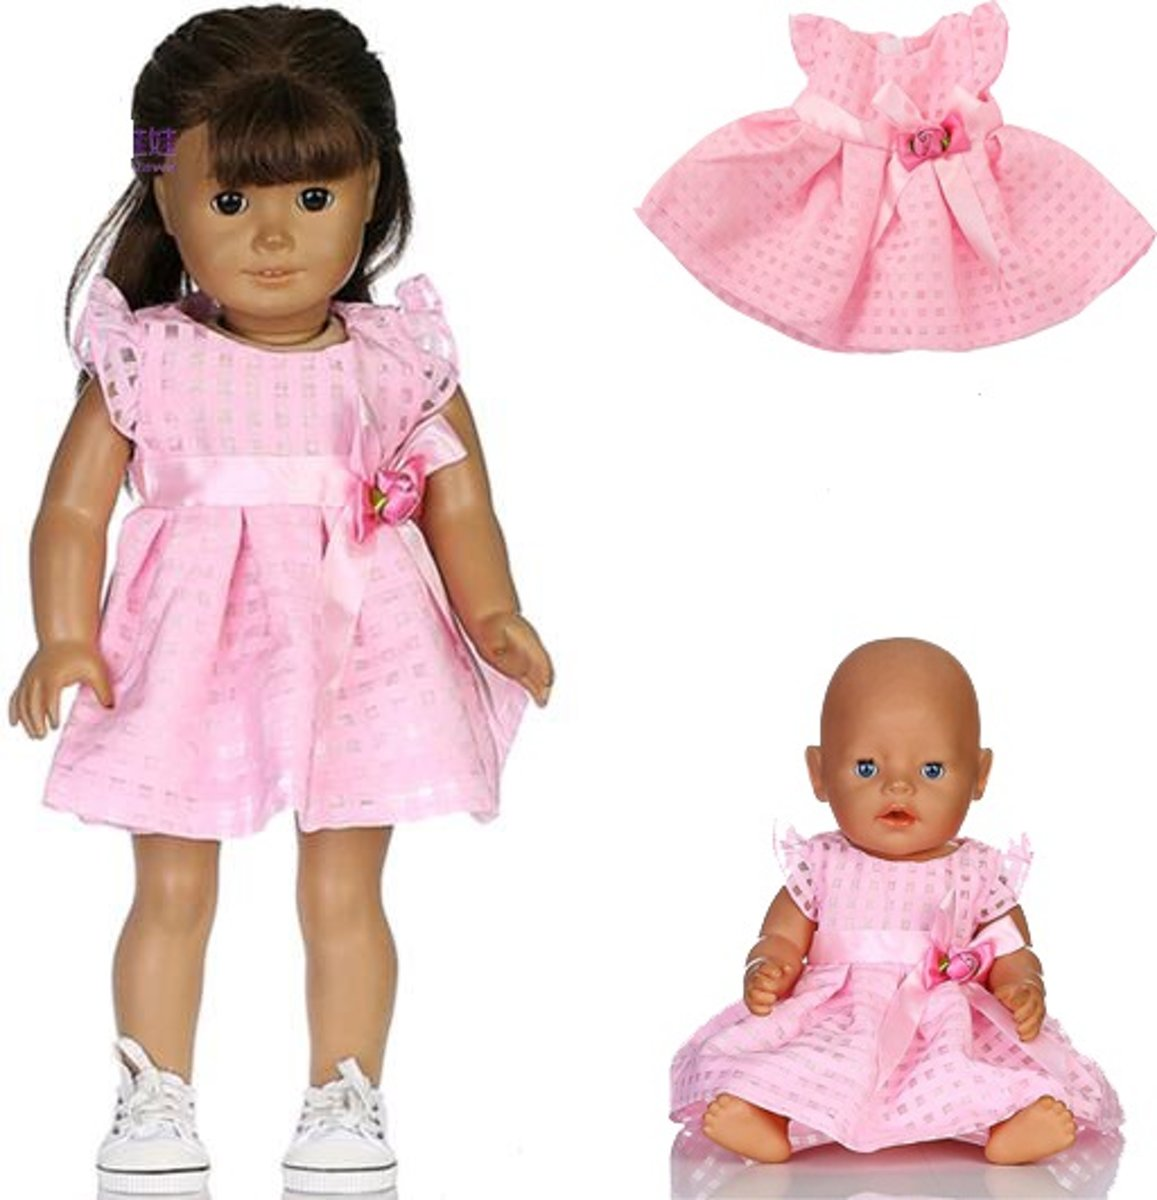 Poppenkleertjes voor poppen zoals Baby born pop (max 43 cm) - Roze jurkje met strik en roosje